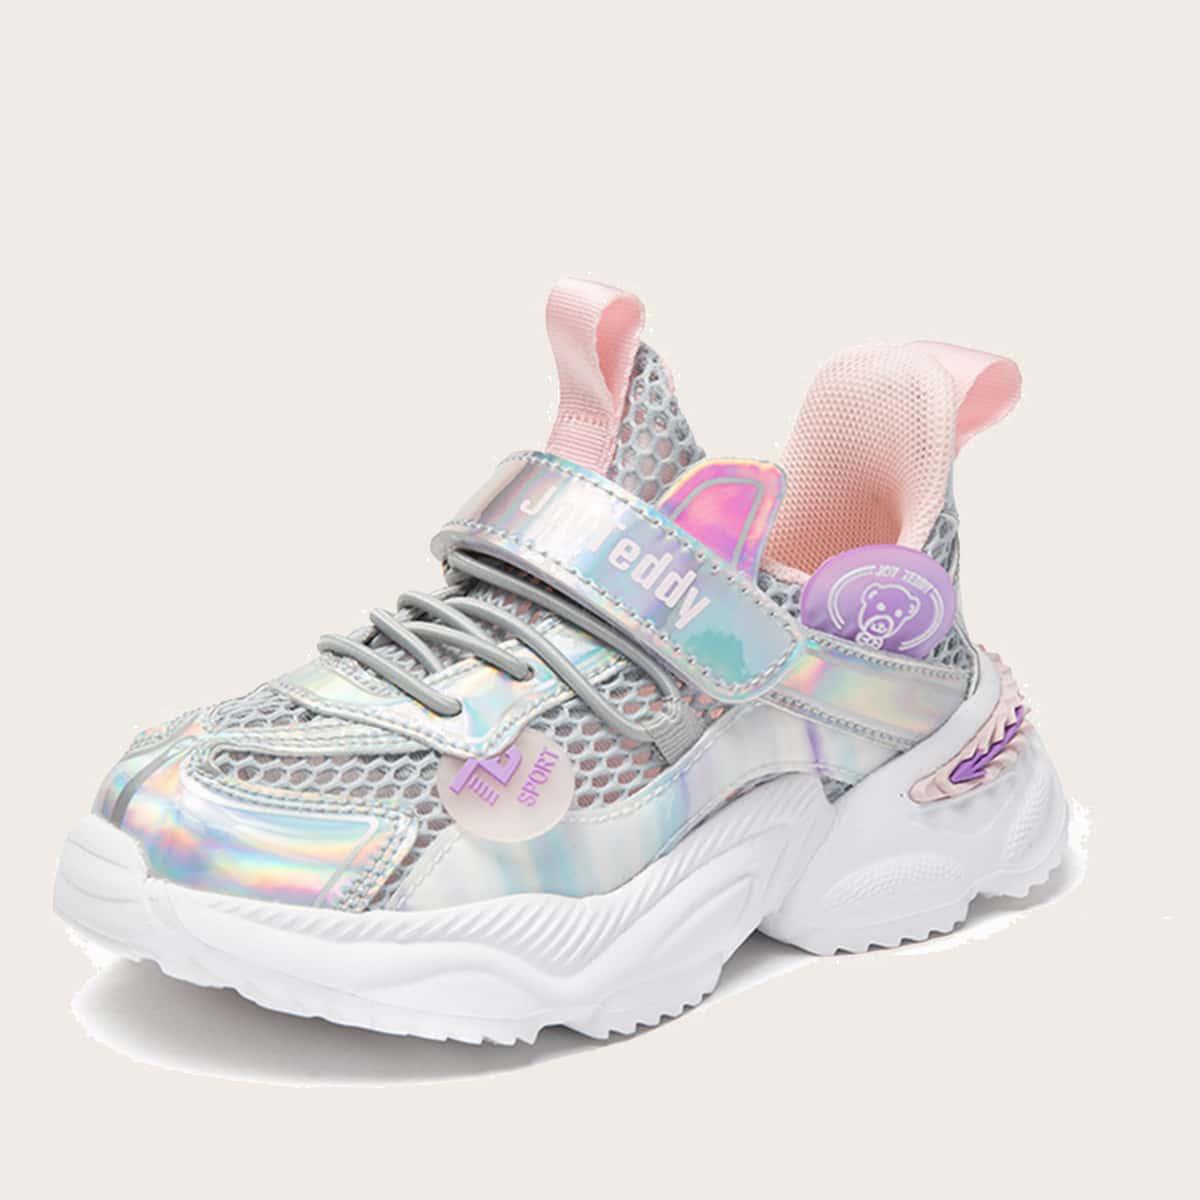 Сетчатые голографические кроссовки для девочек от SHEIN